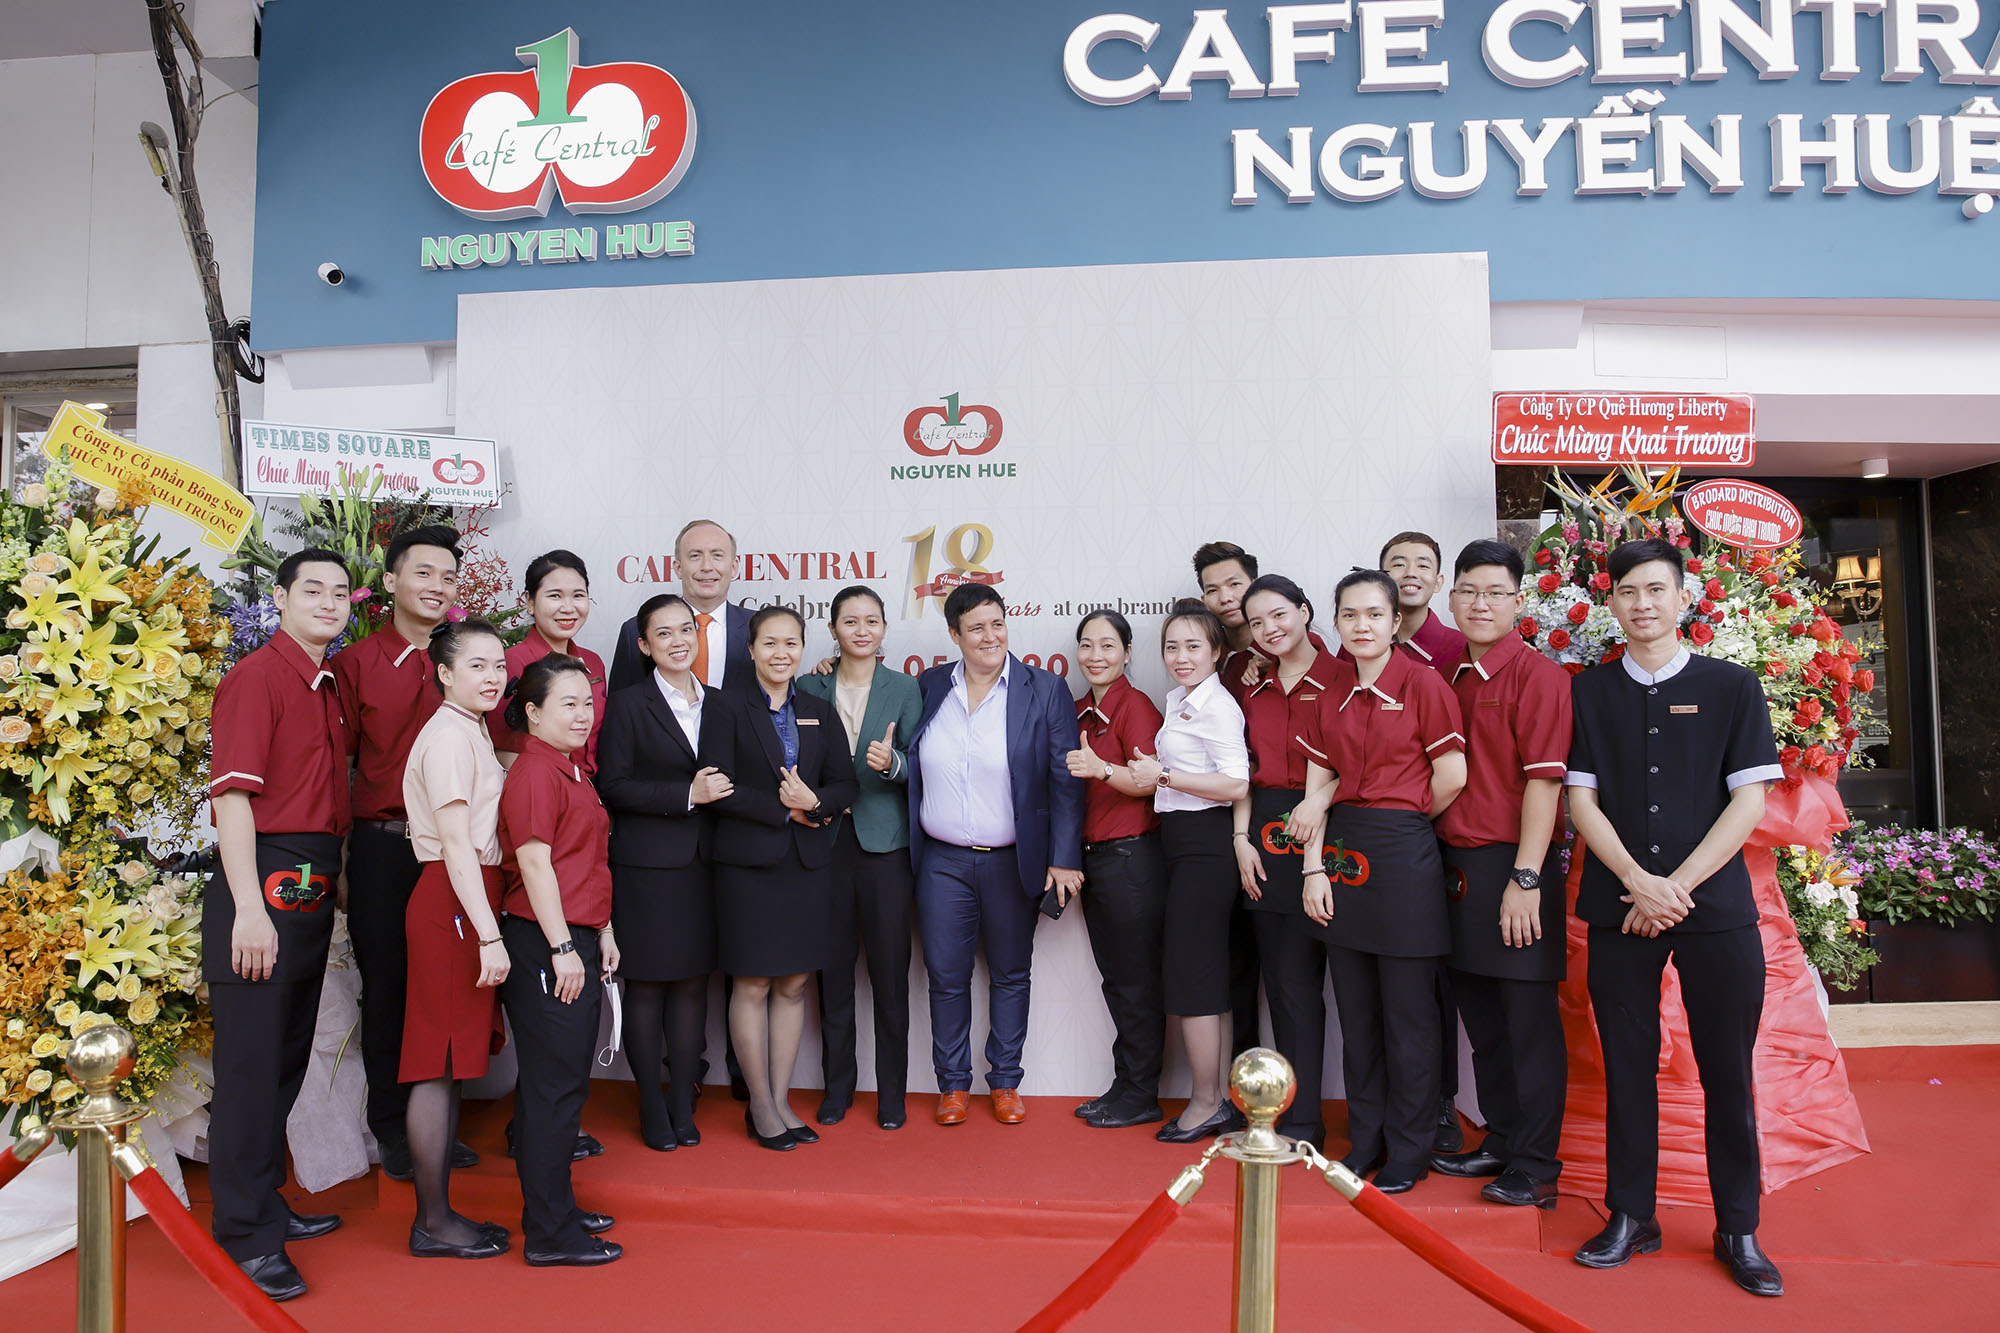 Cafe-Central-Nguyen-Hue-04